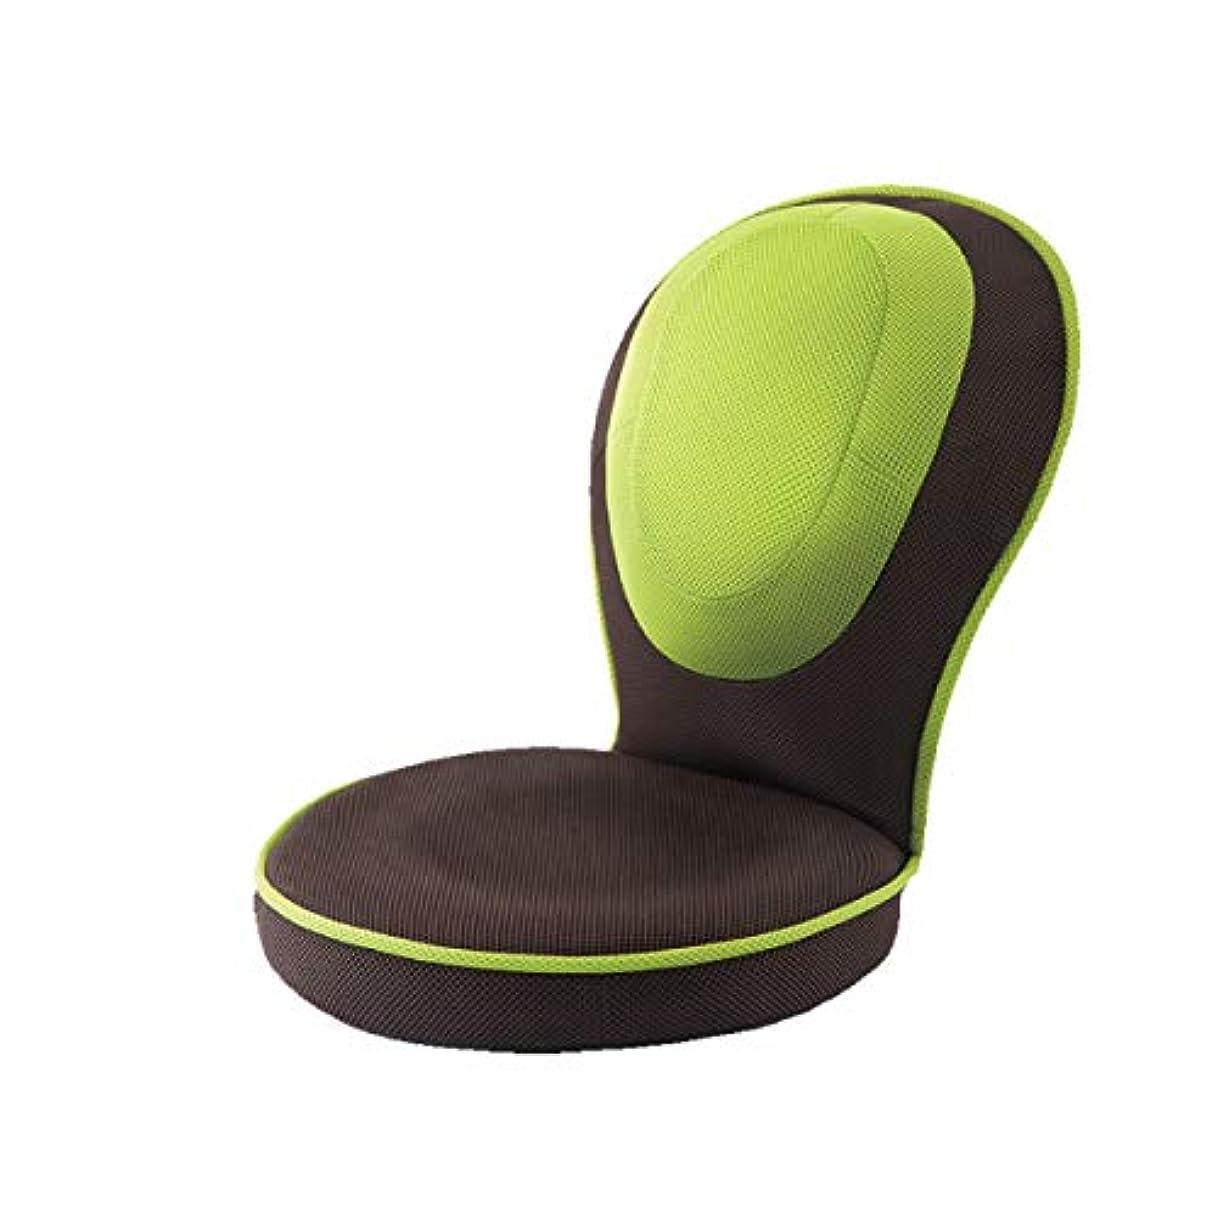 継続中プラス熱意PROIDEA(プロイデア) 背筋がGUUUN美姿勢座椅子コンパクト【グリーン】